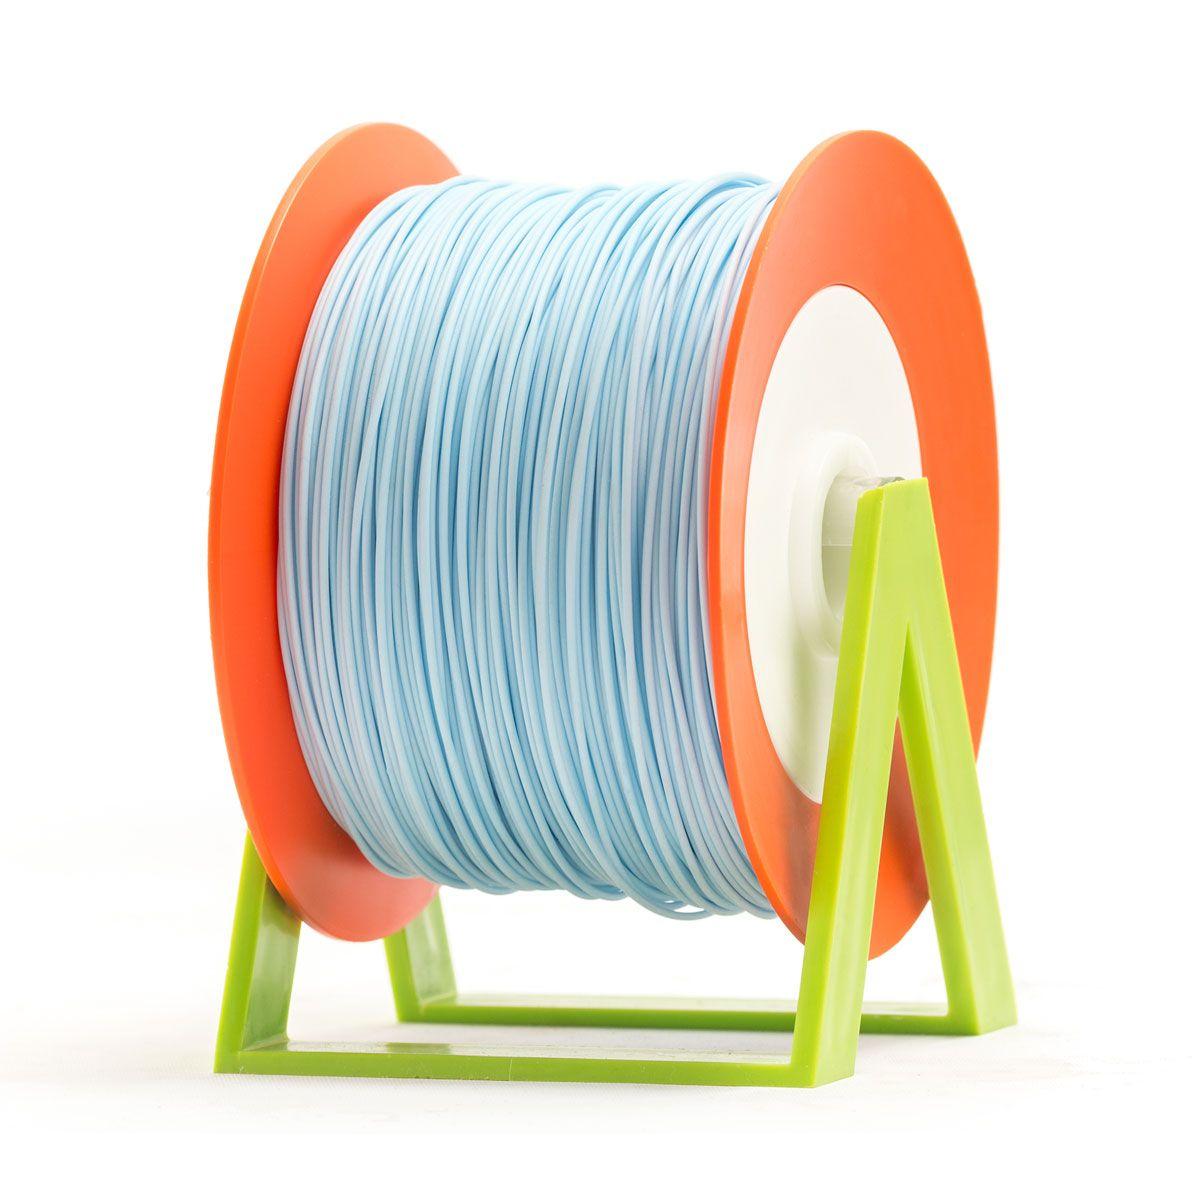 PLA Filament | Color: Blue Sugared Almond